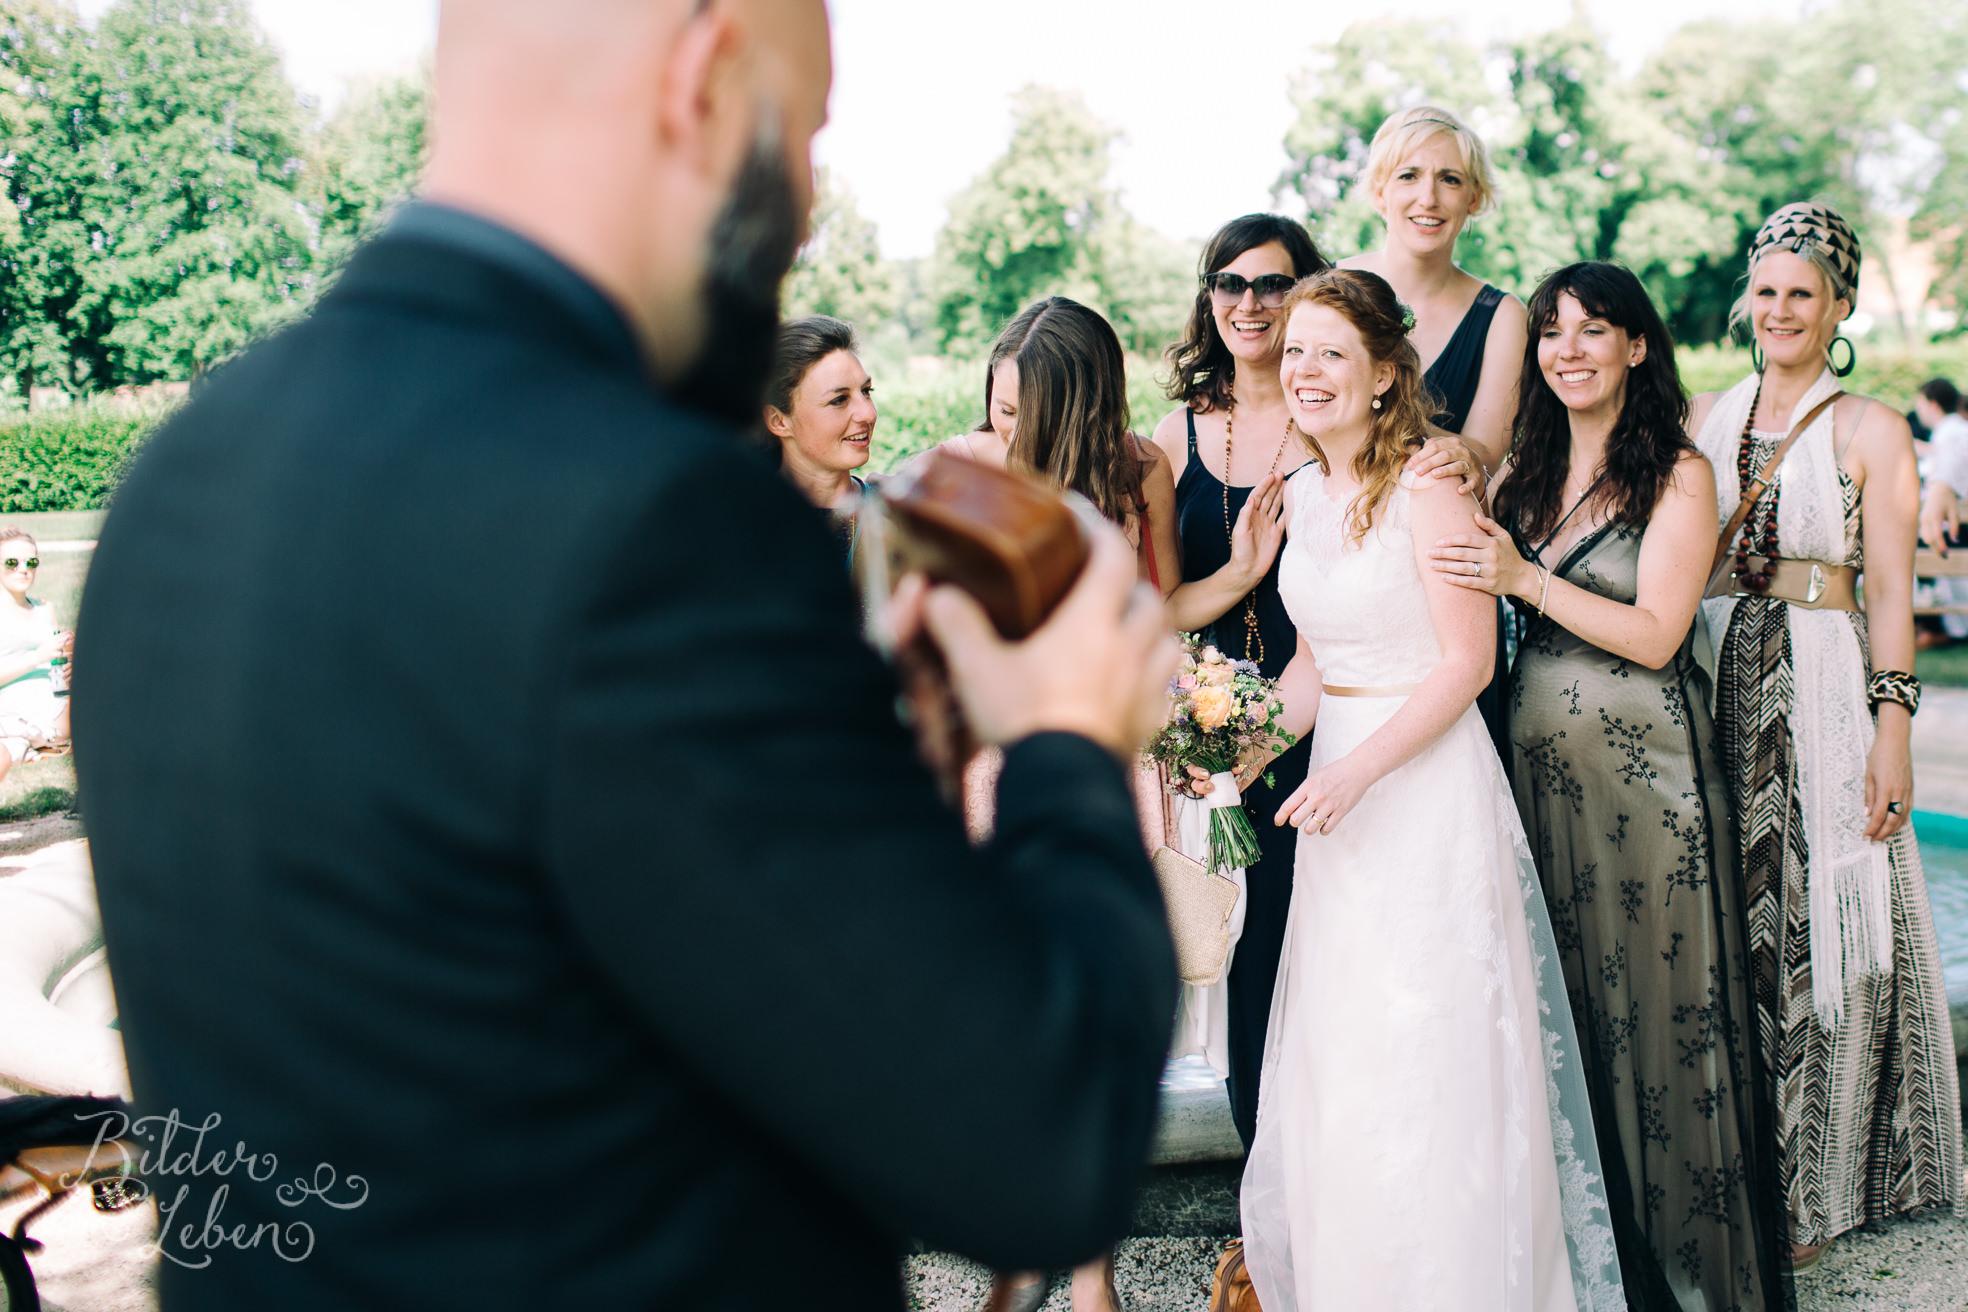 Franzi-Mike-Hochzeitsfotos-Triesdorf-IM2C2015